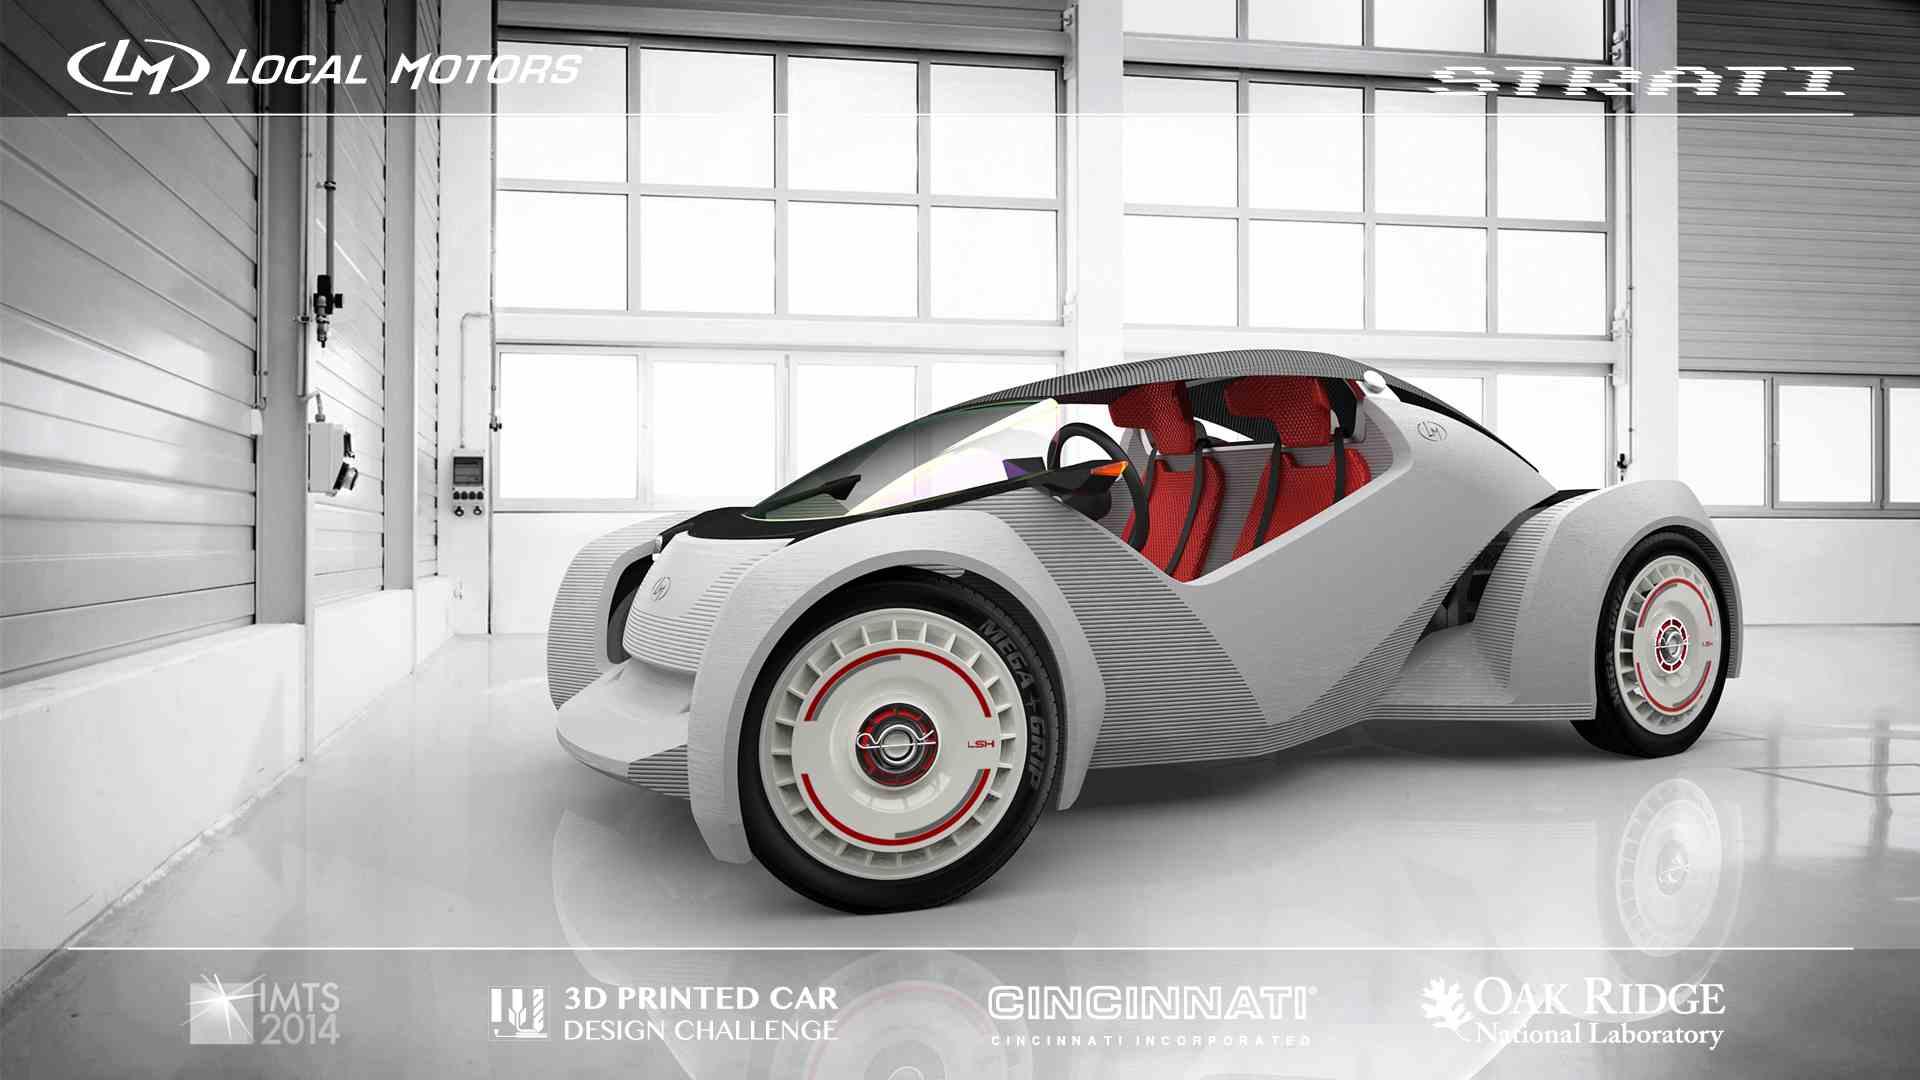 Local Motors crea la Prima automobile al mondo stampata in 3D